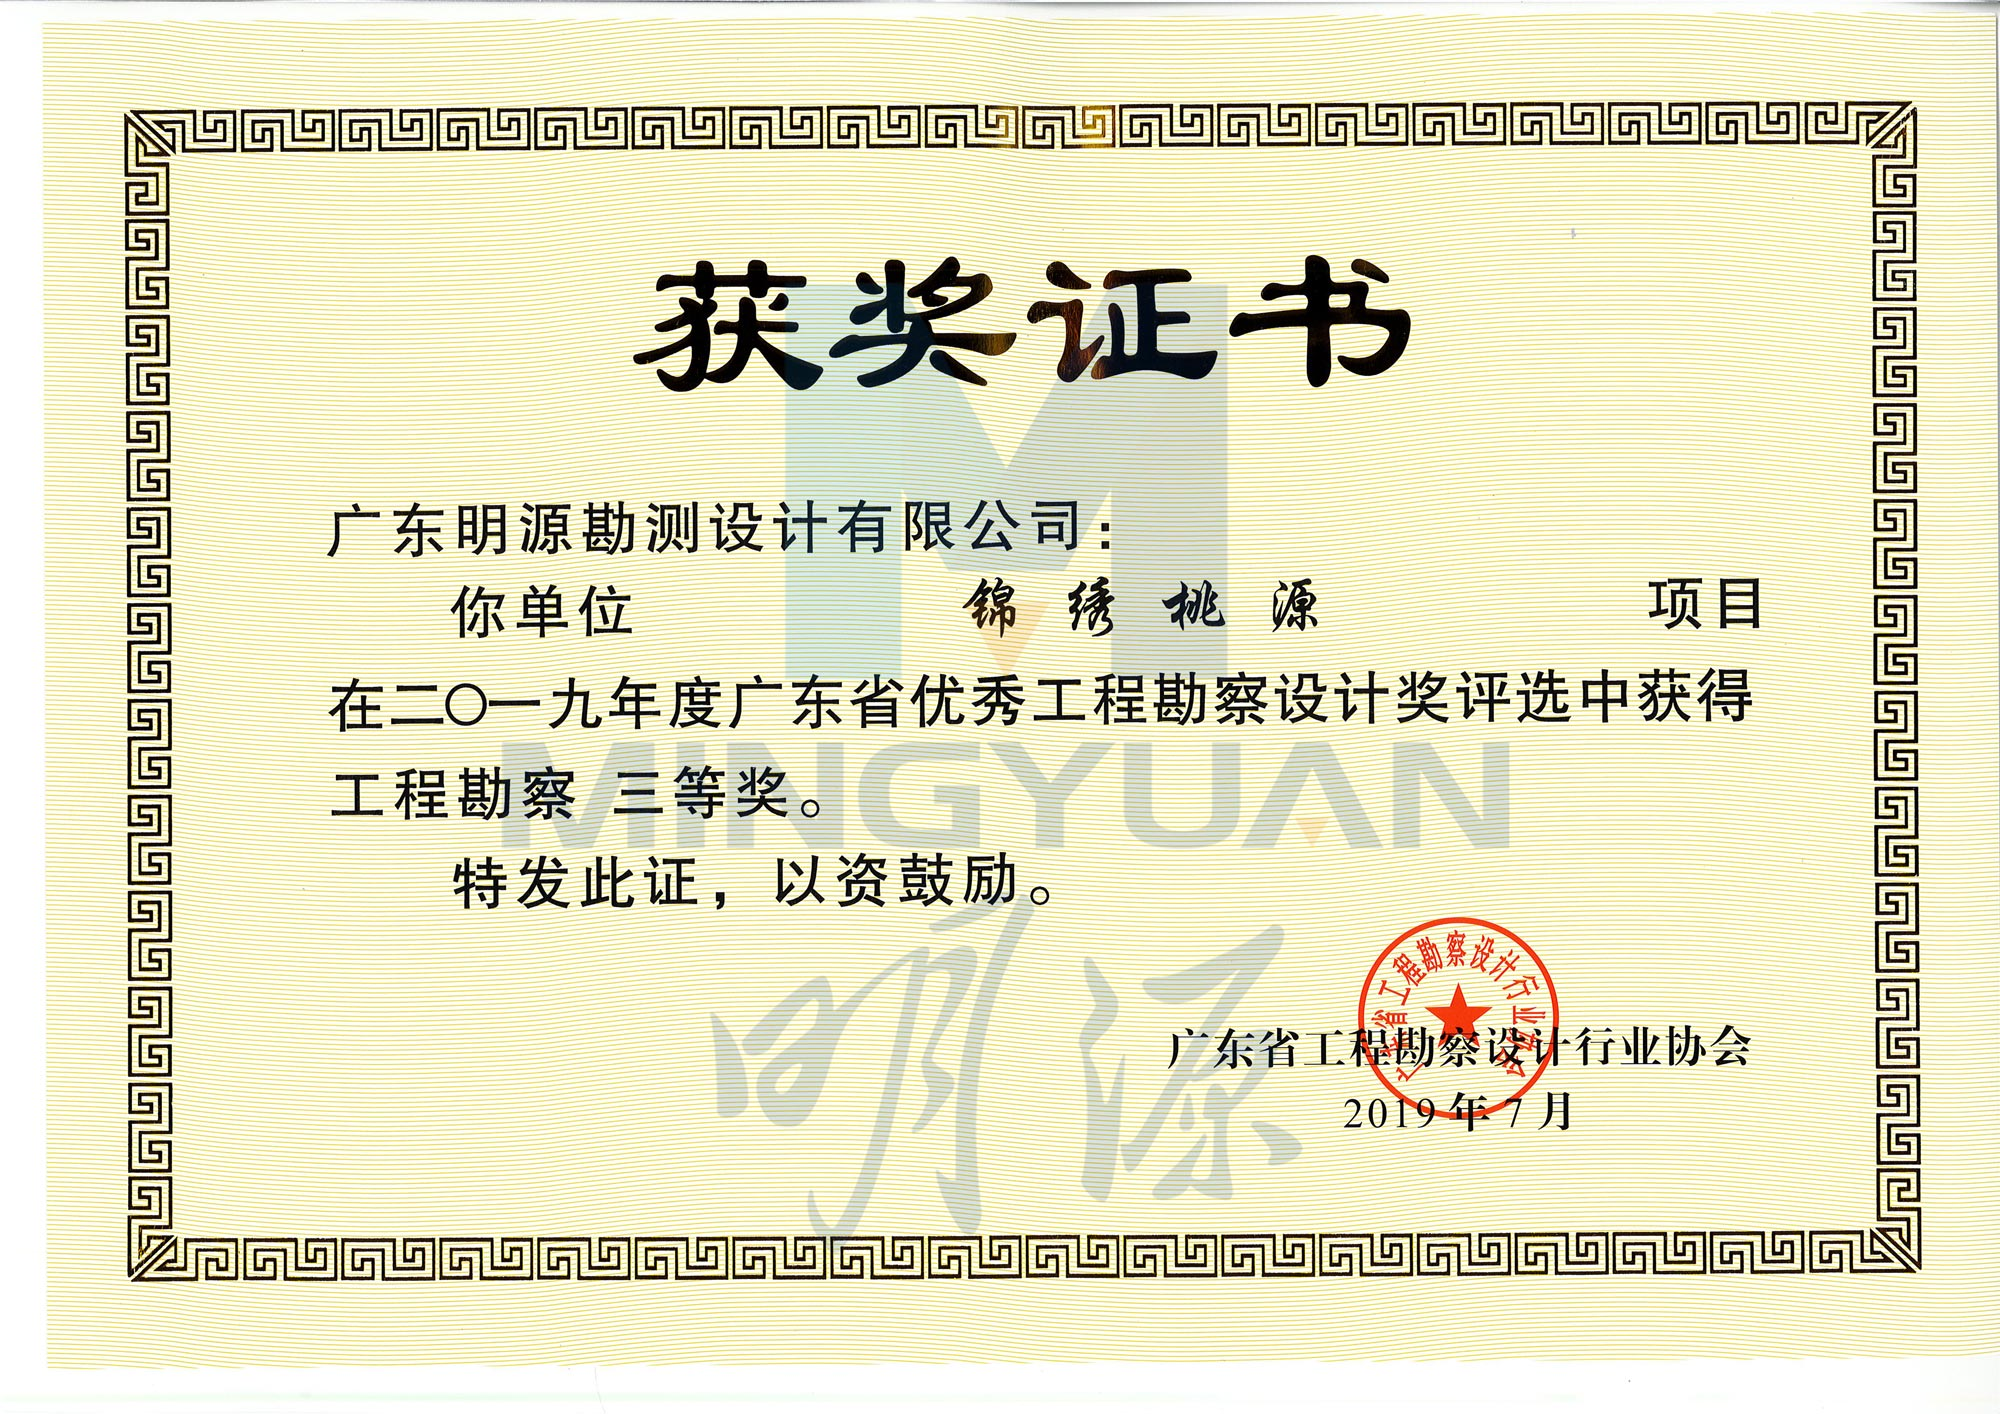 錦繡桃園項目榮獲廣東省2019年優秀工程勘察設計三等獎